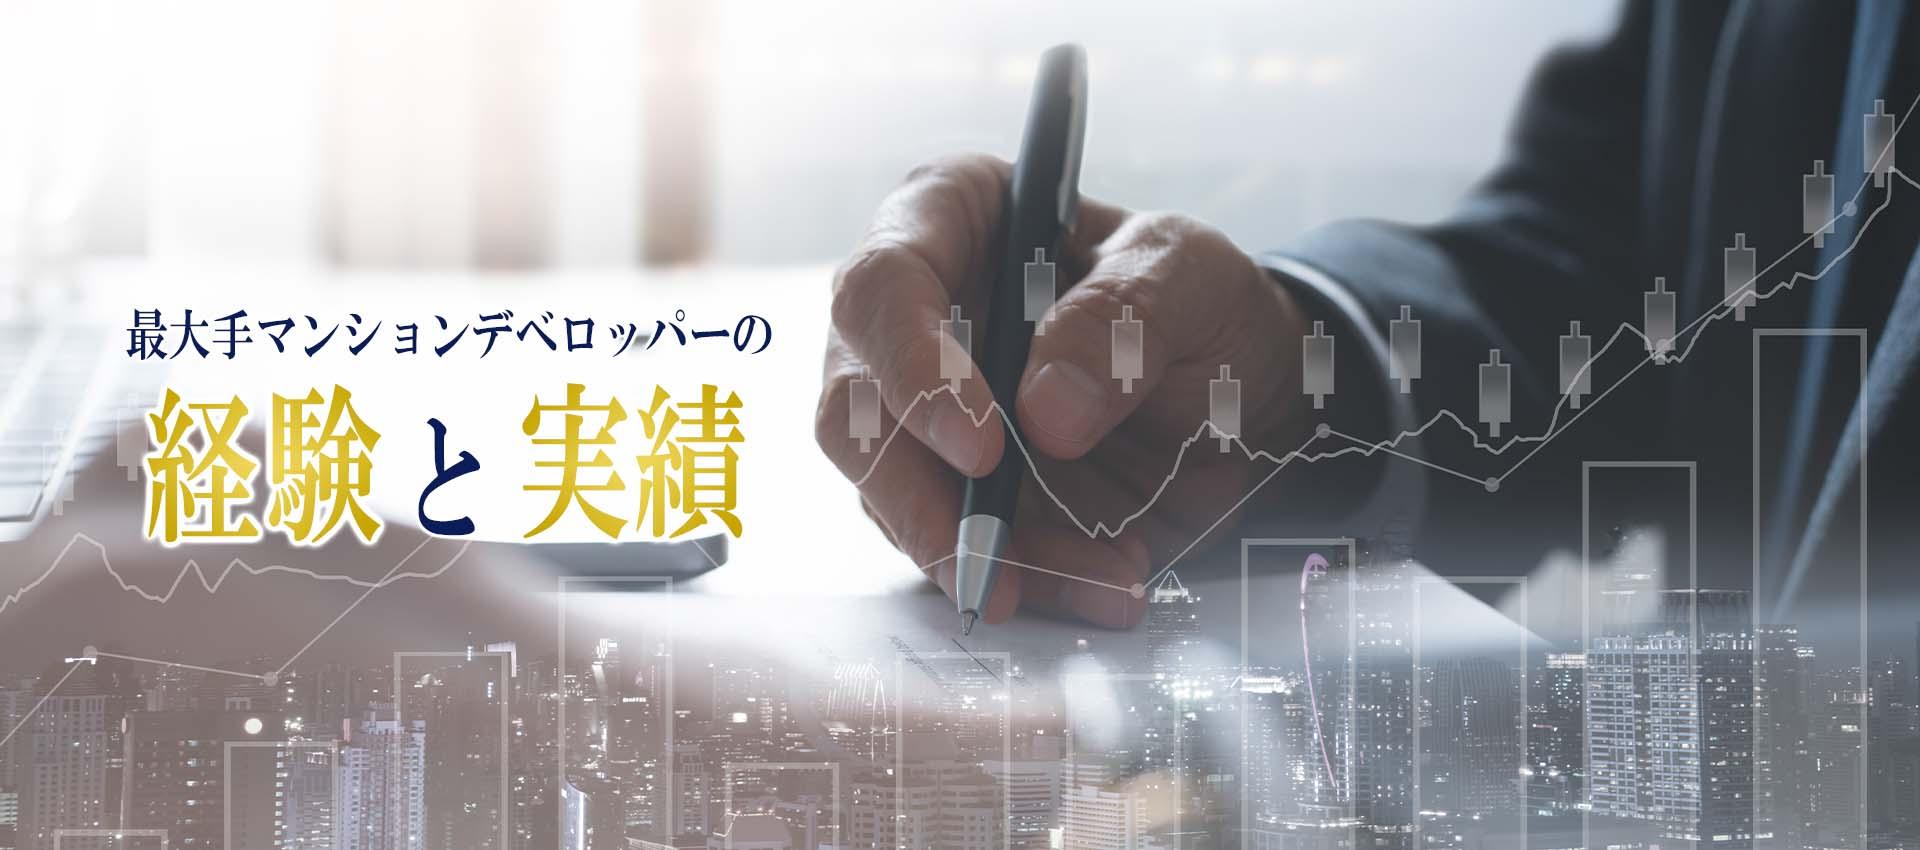 レジデンシャルエージェント株式会社 札幌市/最大手デベロッパーの経験と実績